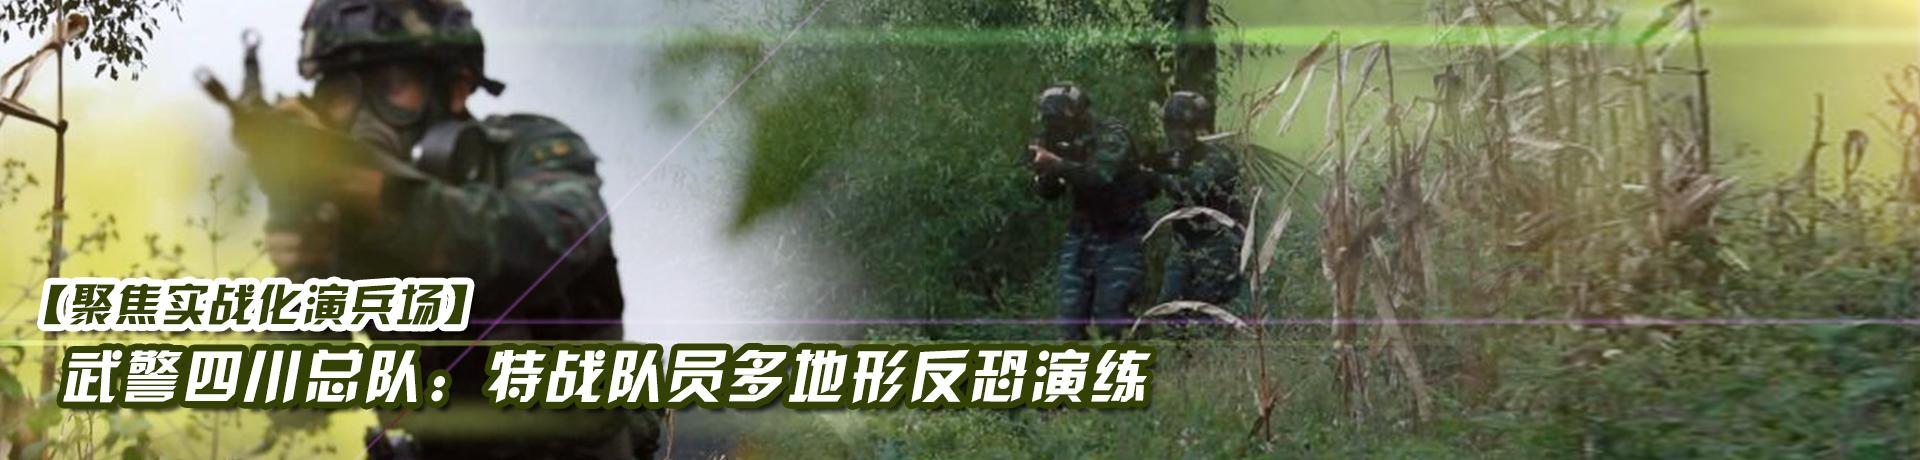 武警四川總隊:特戰隊員多地形反恐演練